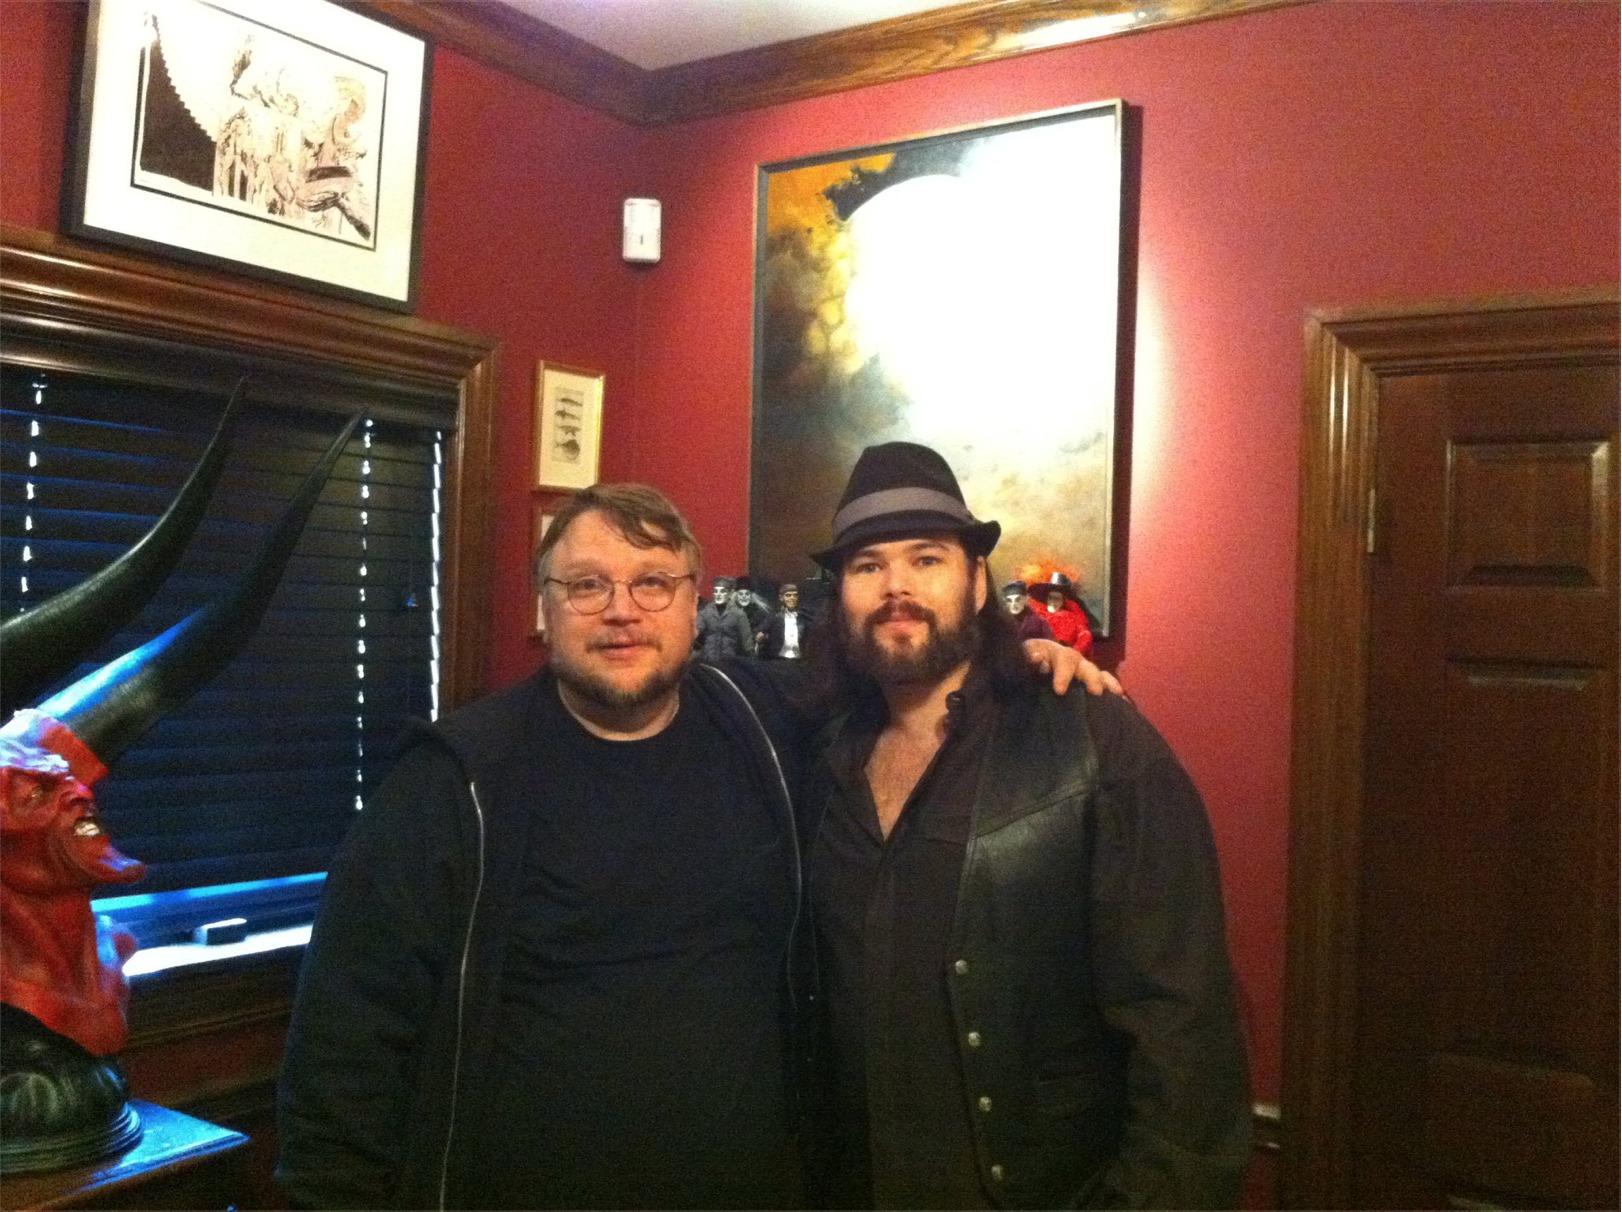 Guillermo del Toro and Chip Joslin